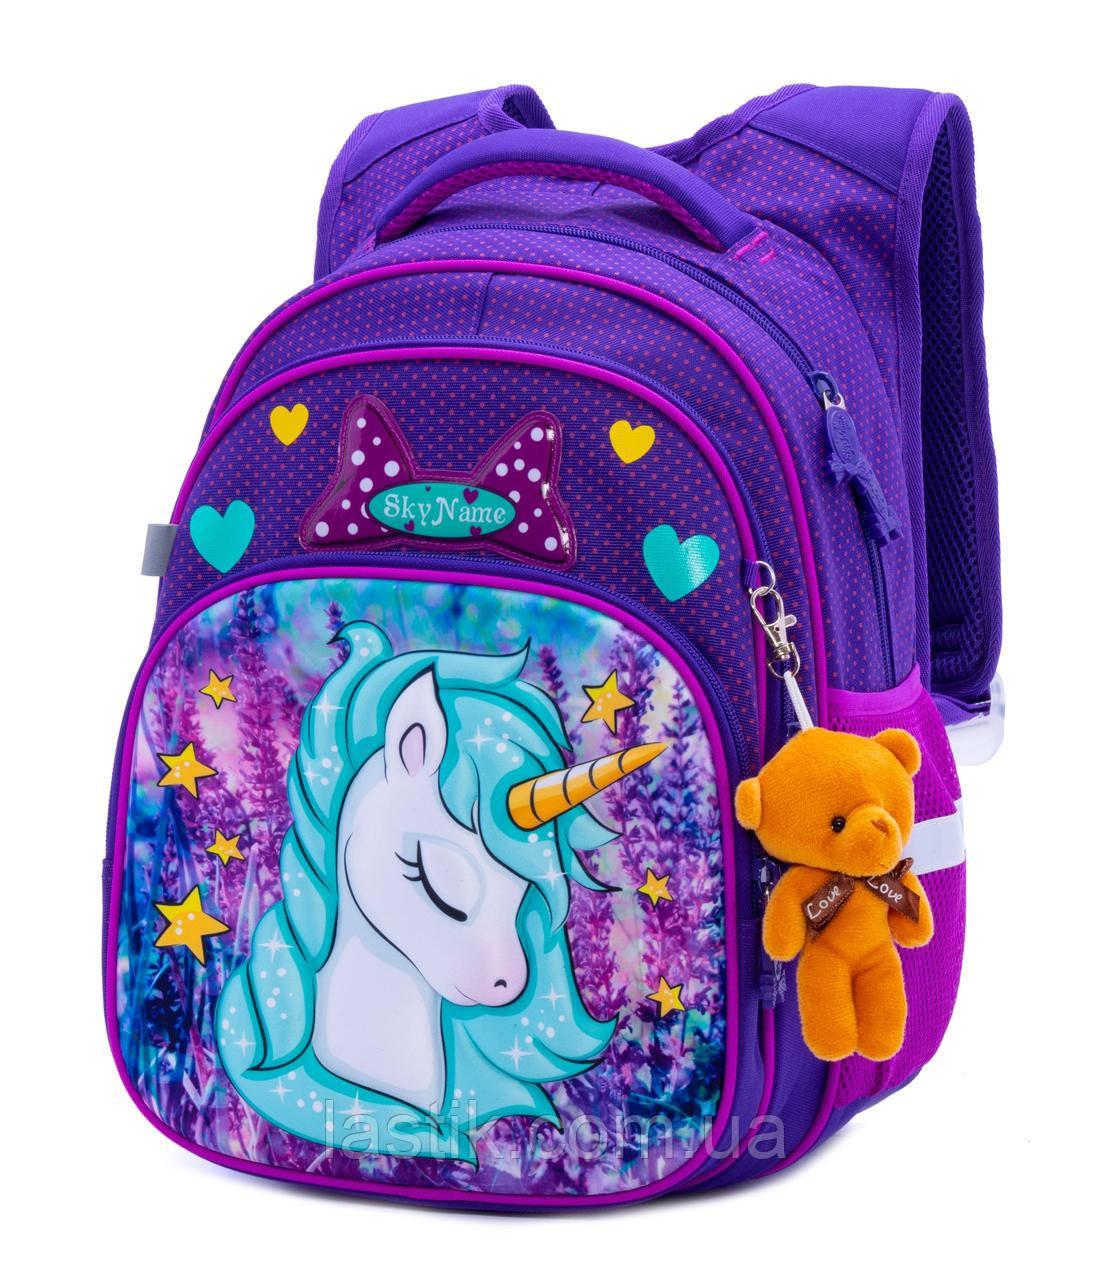 Рюкзак шкільний для дівчаток SkyName R3-241